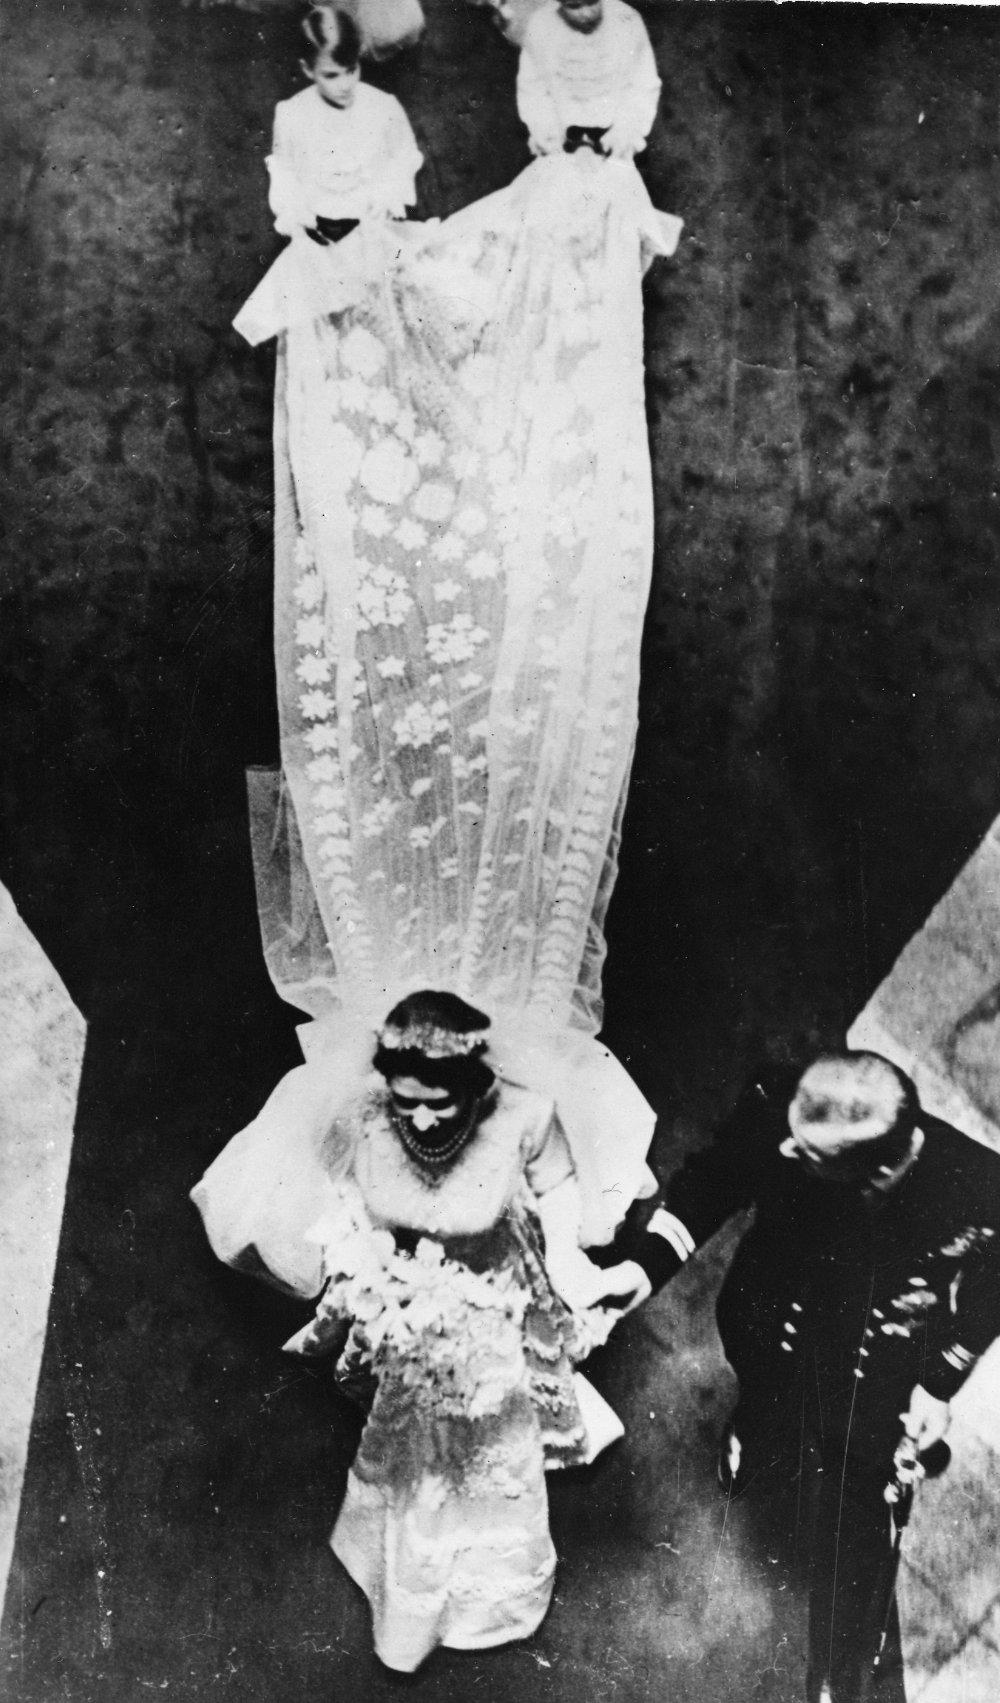 Εντυπωσιακή εικόνα από την πριγκίπισσα Ελισάβετ με το νυφικό και την μακριά ουρά να καταφθάνει στην εκκλησία